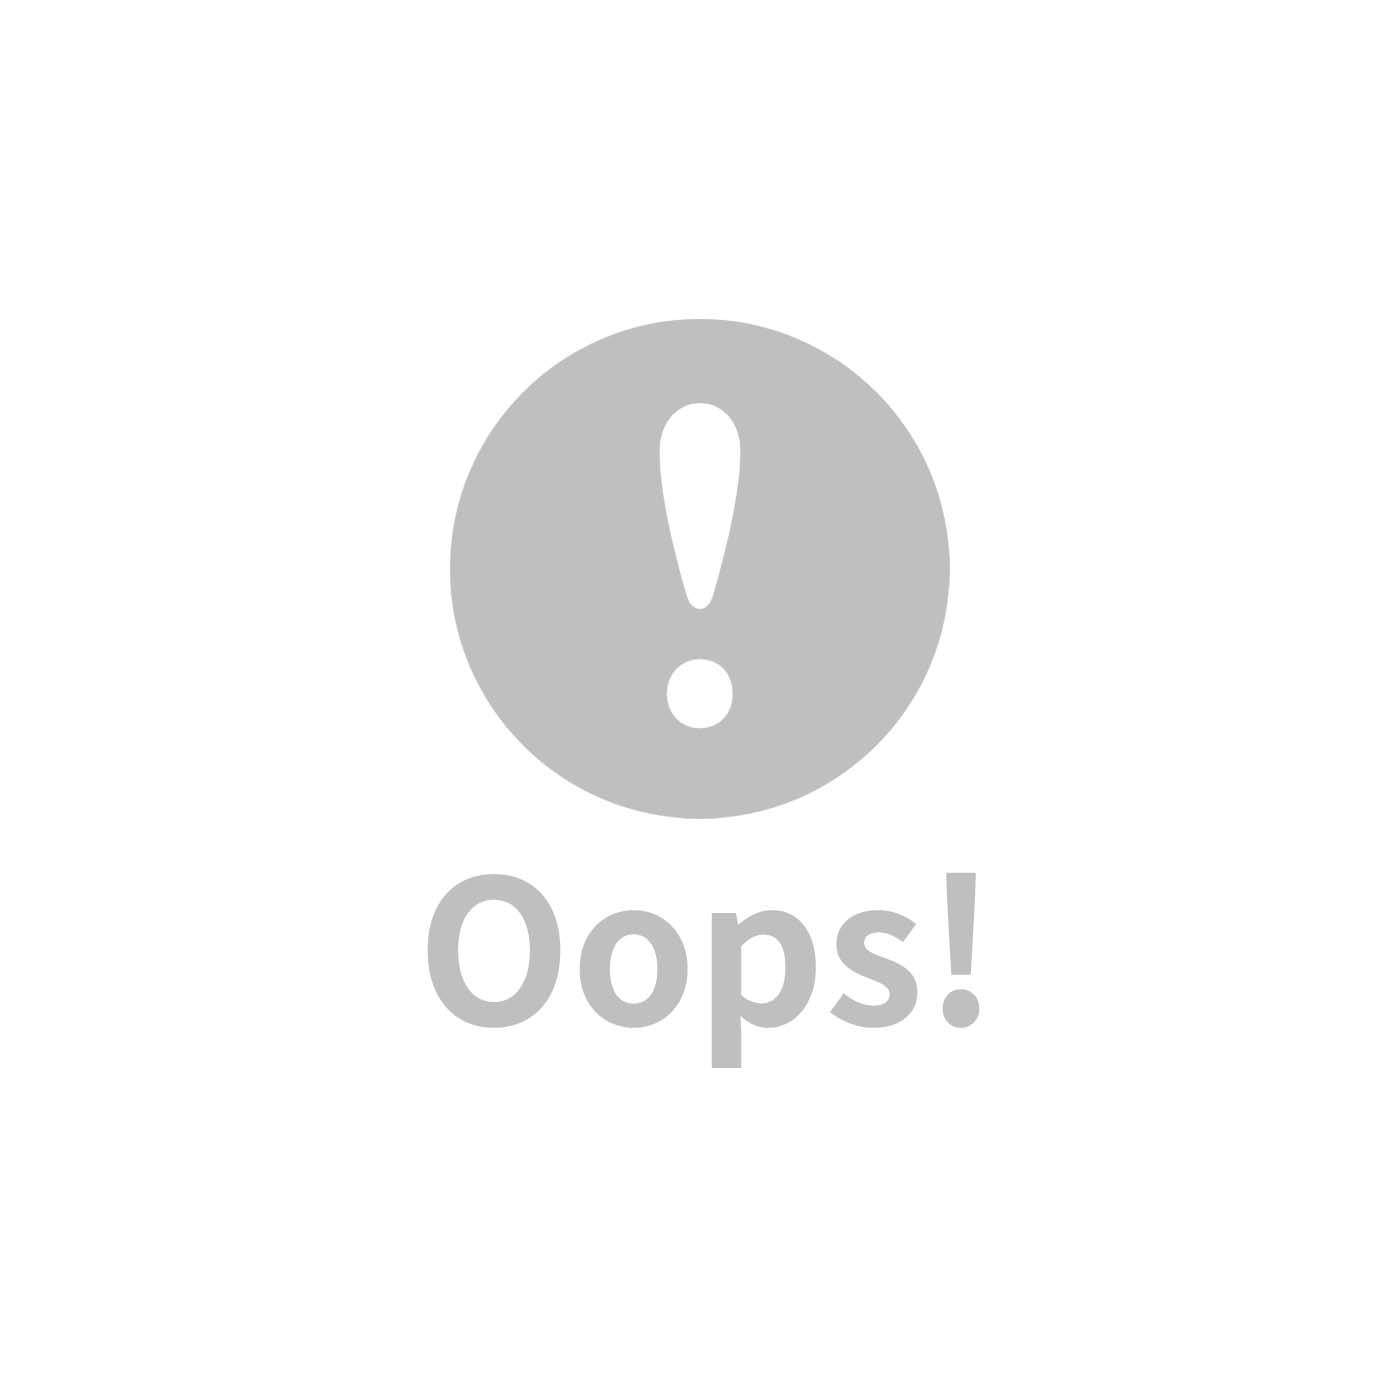 【韓國Lolbaby】Hi Jell-O涼感蒟蒻枕頭+涼感蒟蒻床墊加大(北極熊粉)